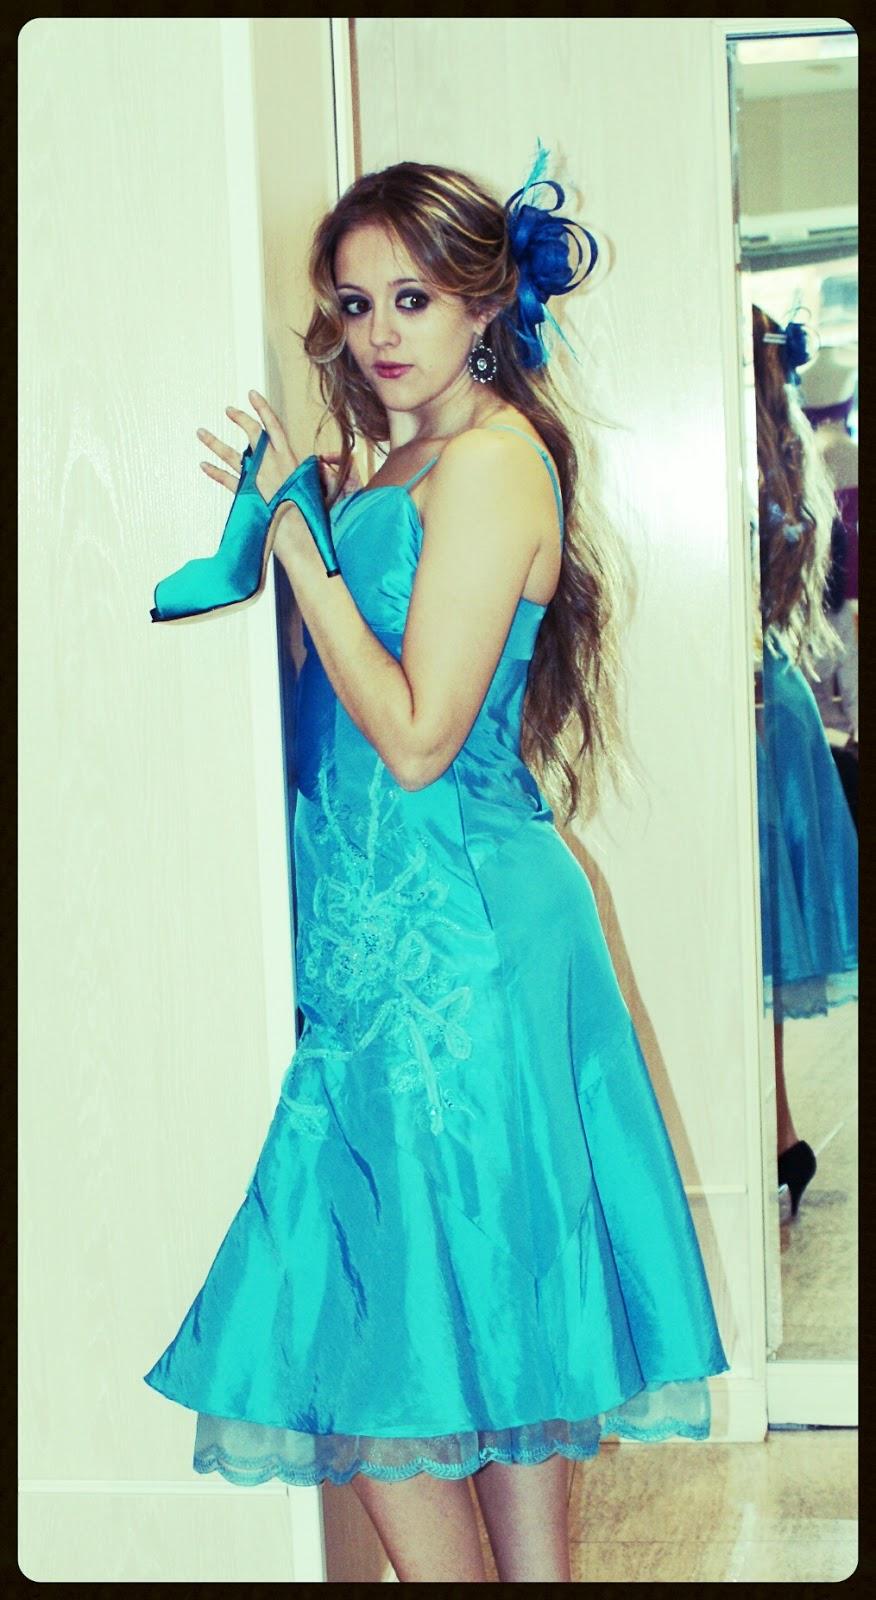 factory novias vestidos de fiesta y novia low cost zona outlet en ...